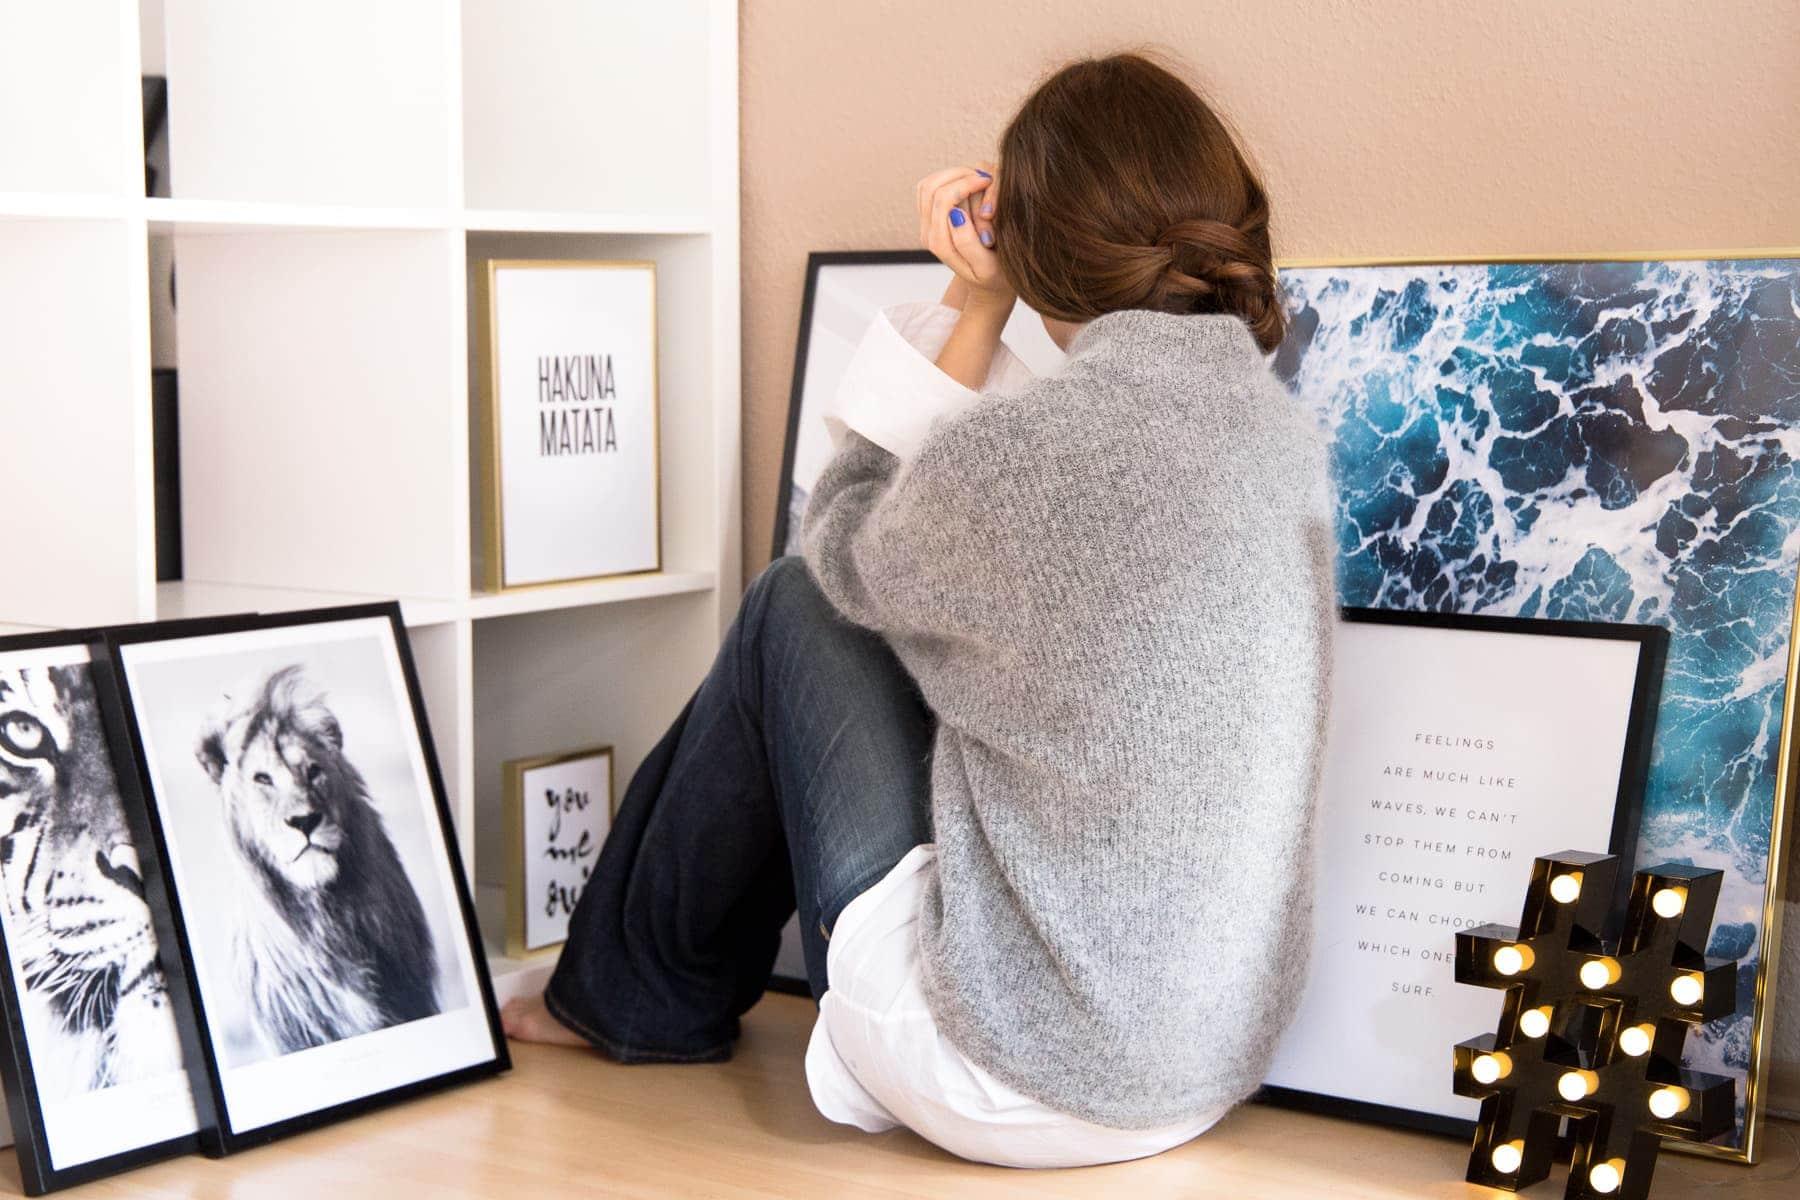 We're moving - Alles rund um die neue Wohnung & meine Ideen - Posterwand mit Desenio Postern